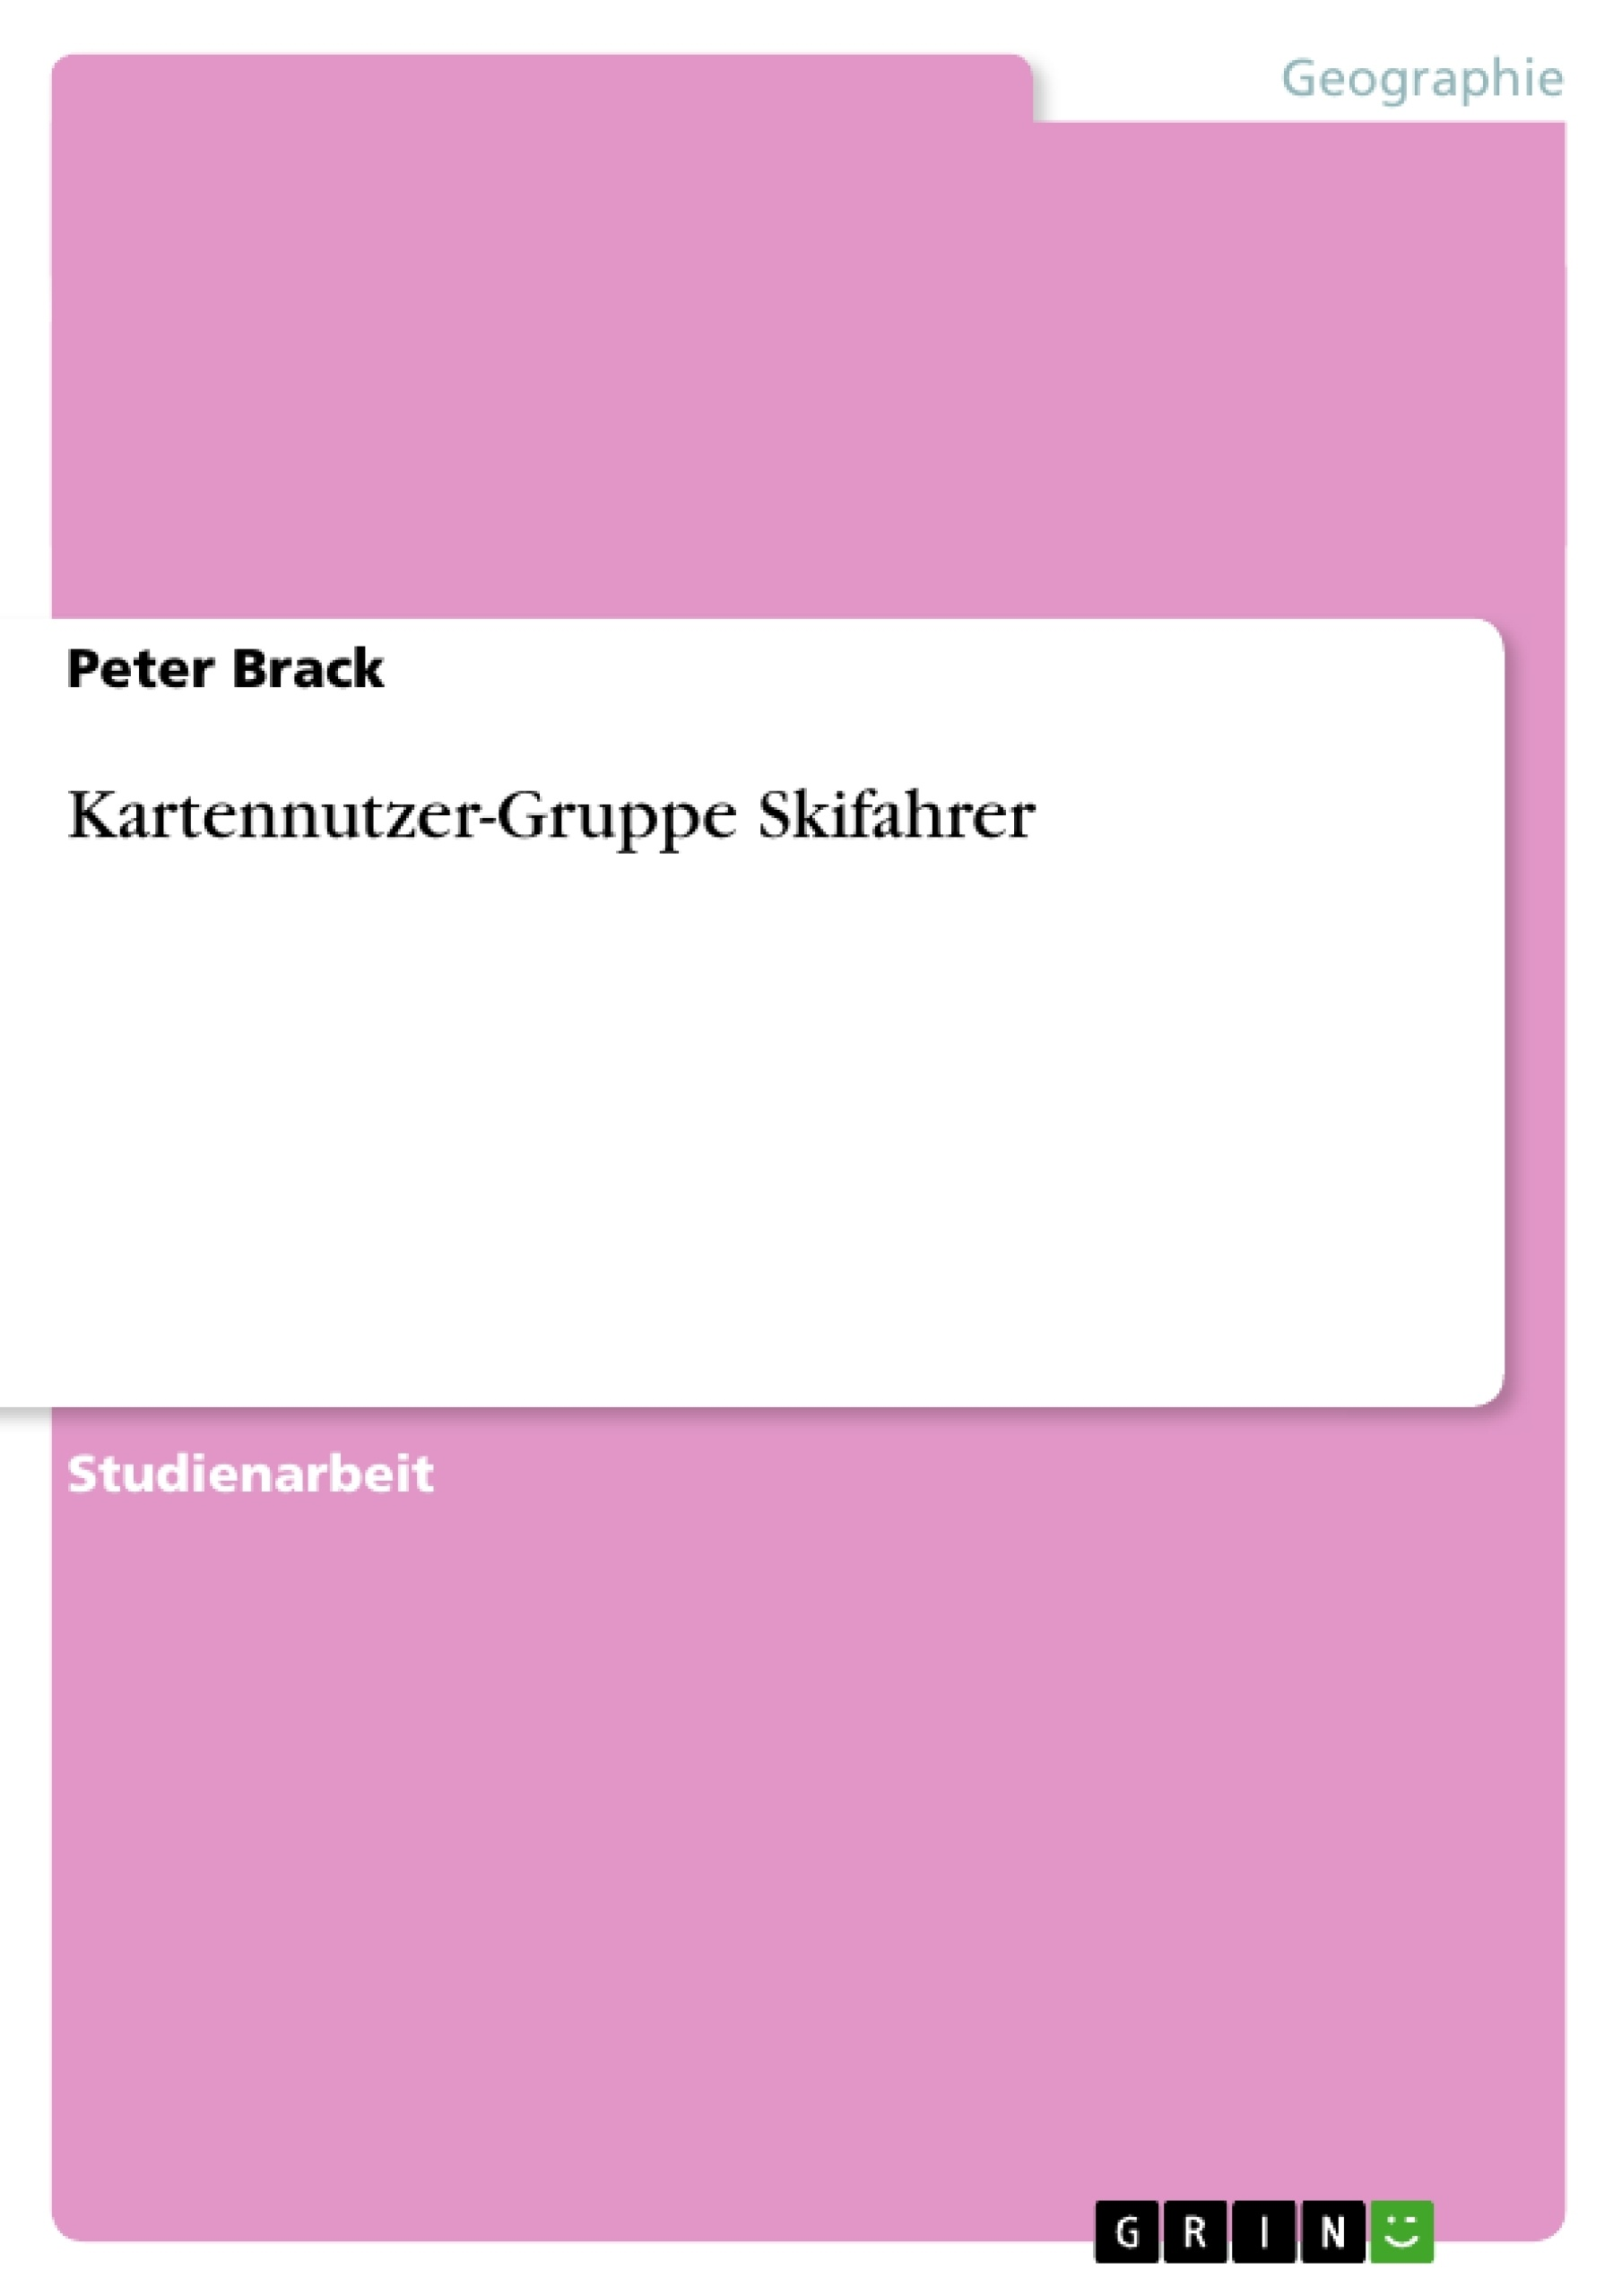 Titel: Kartennutzer-Gruppe Skifahrer